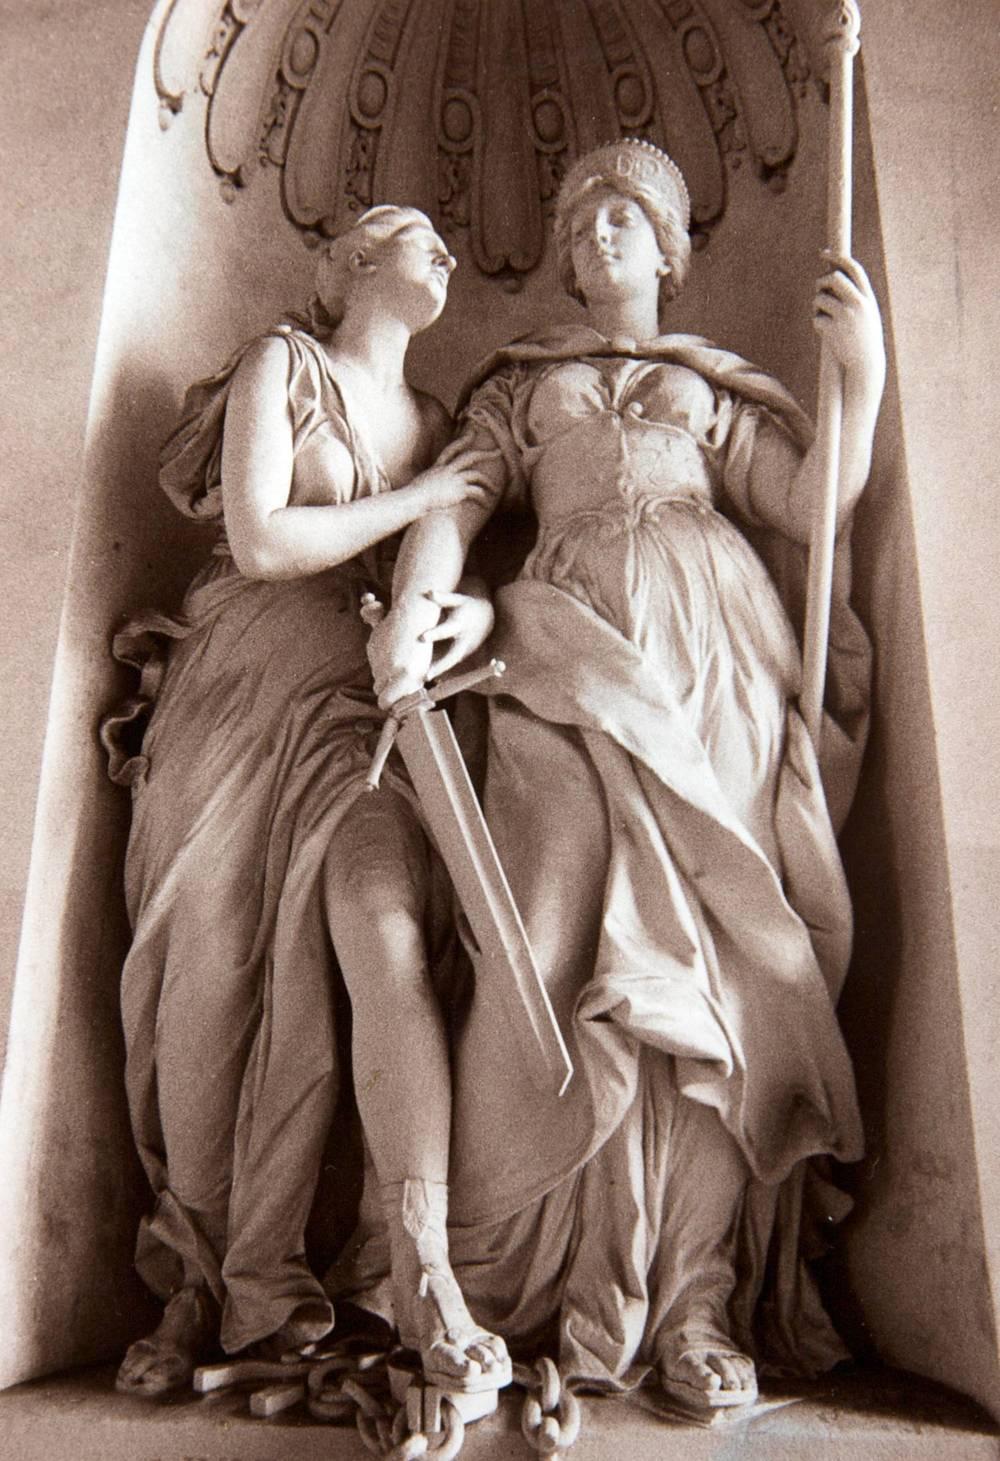 Vienna Statues (Austria)